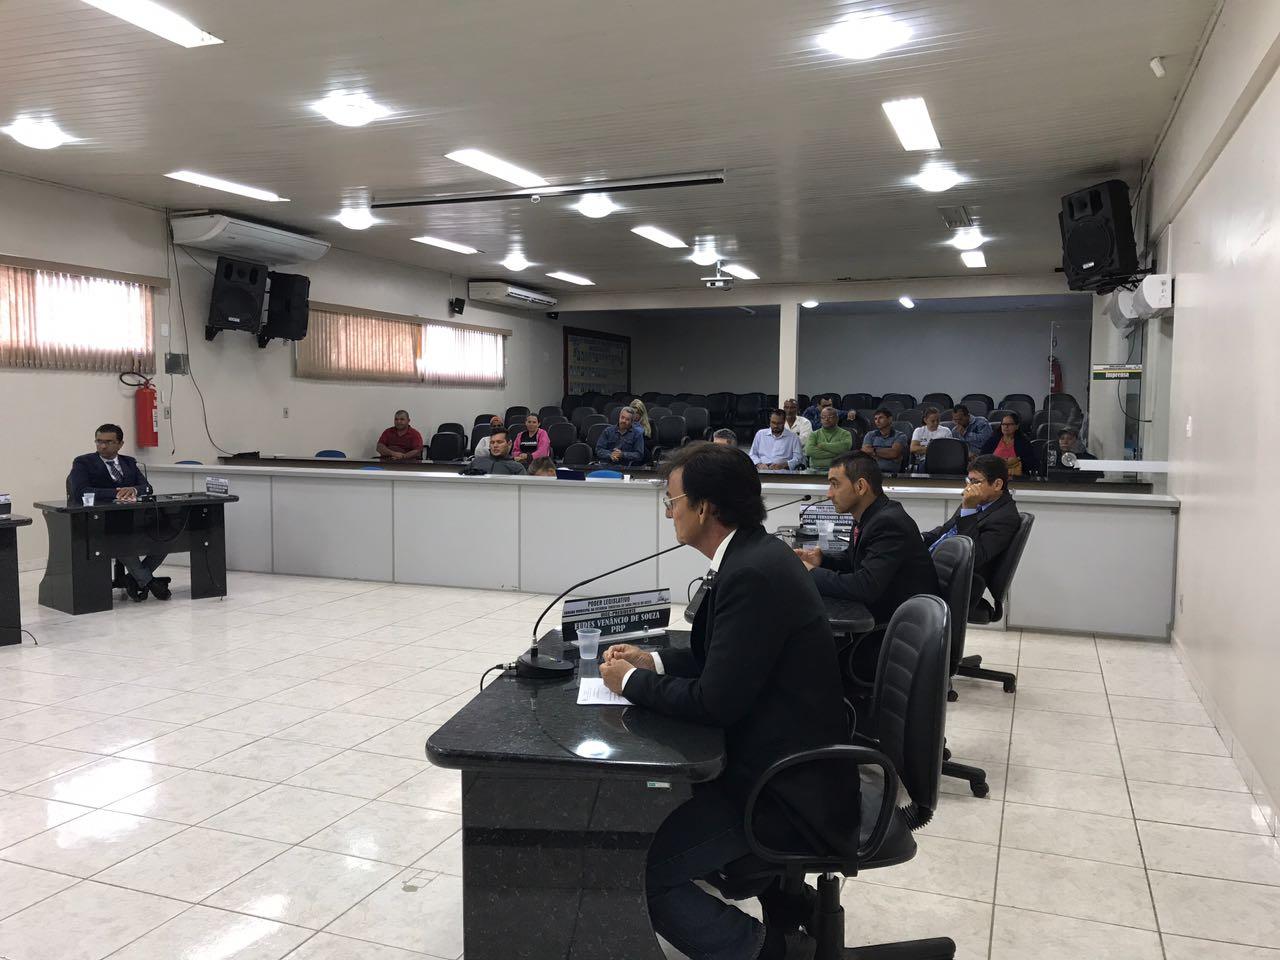 Informe Legislativo: 20ª Sessão Ordinária de 22/06/2017